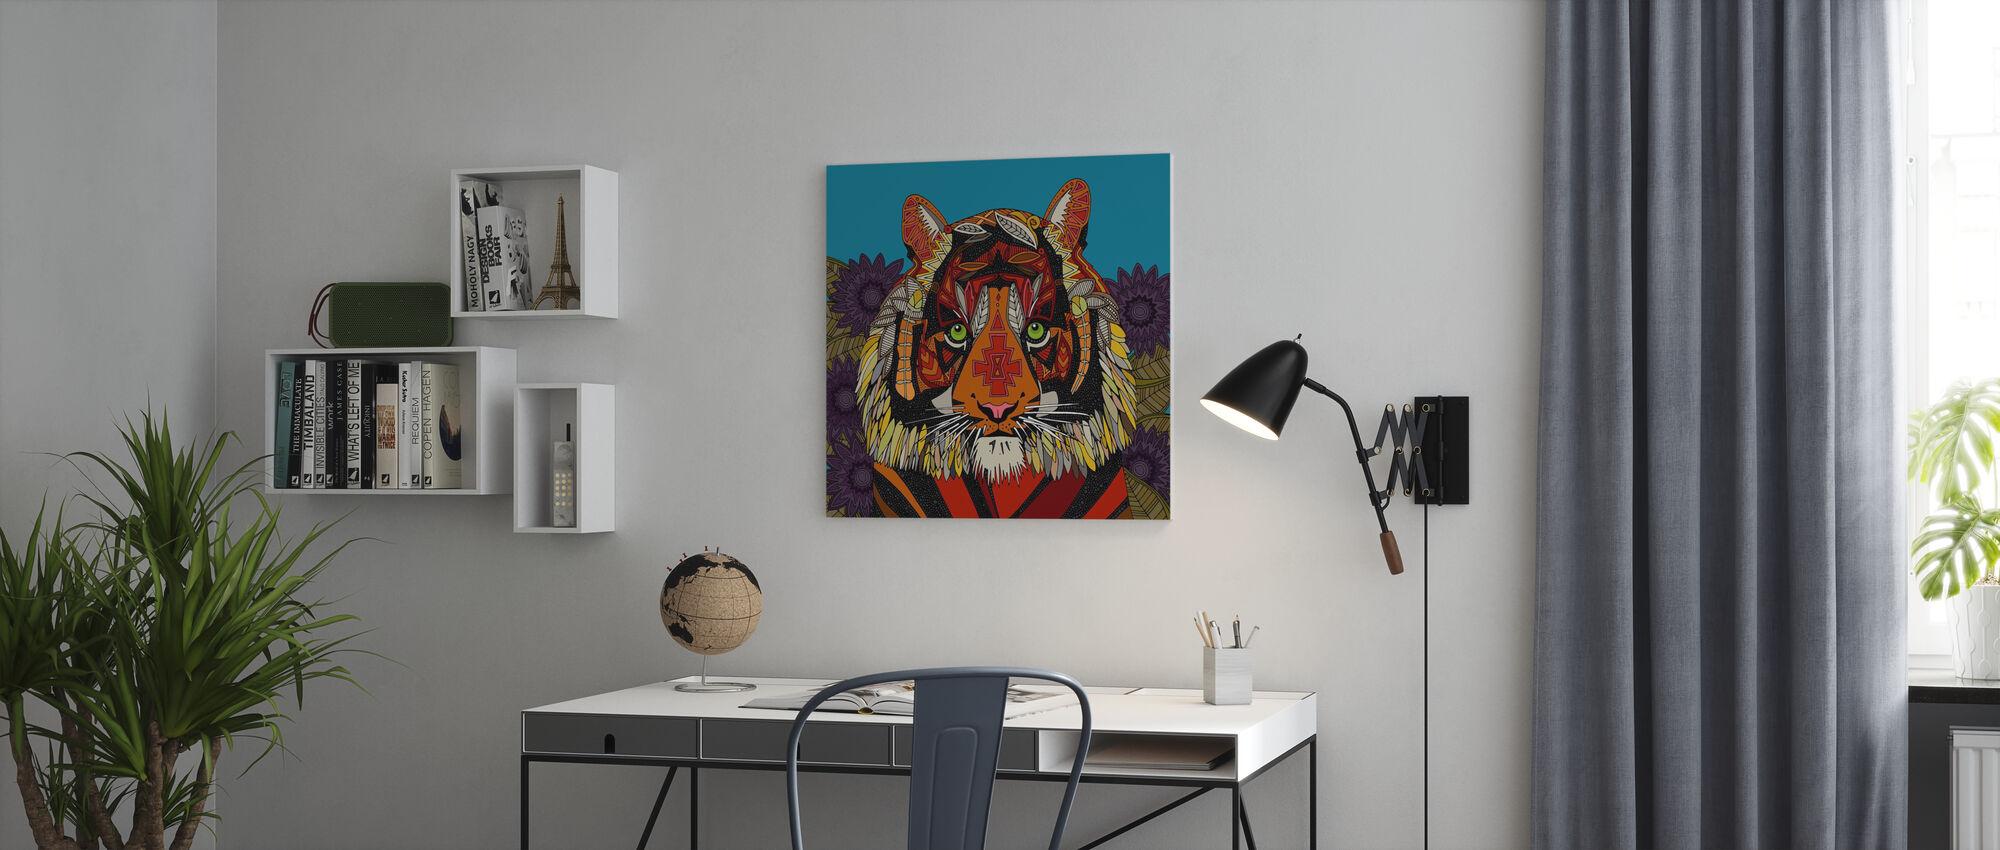 Tijger-opperhoofd - Canvas print - Kantoor